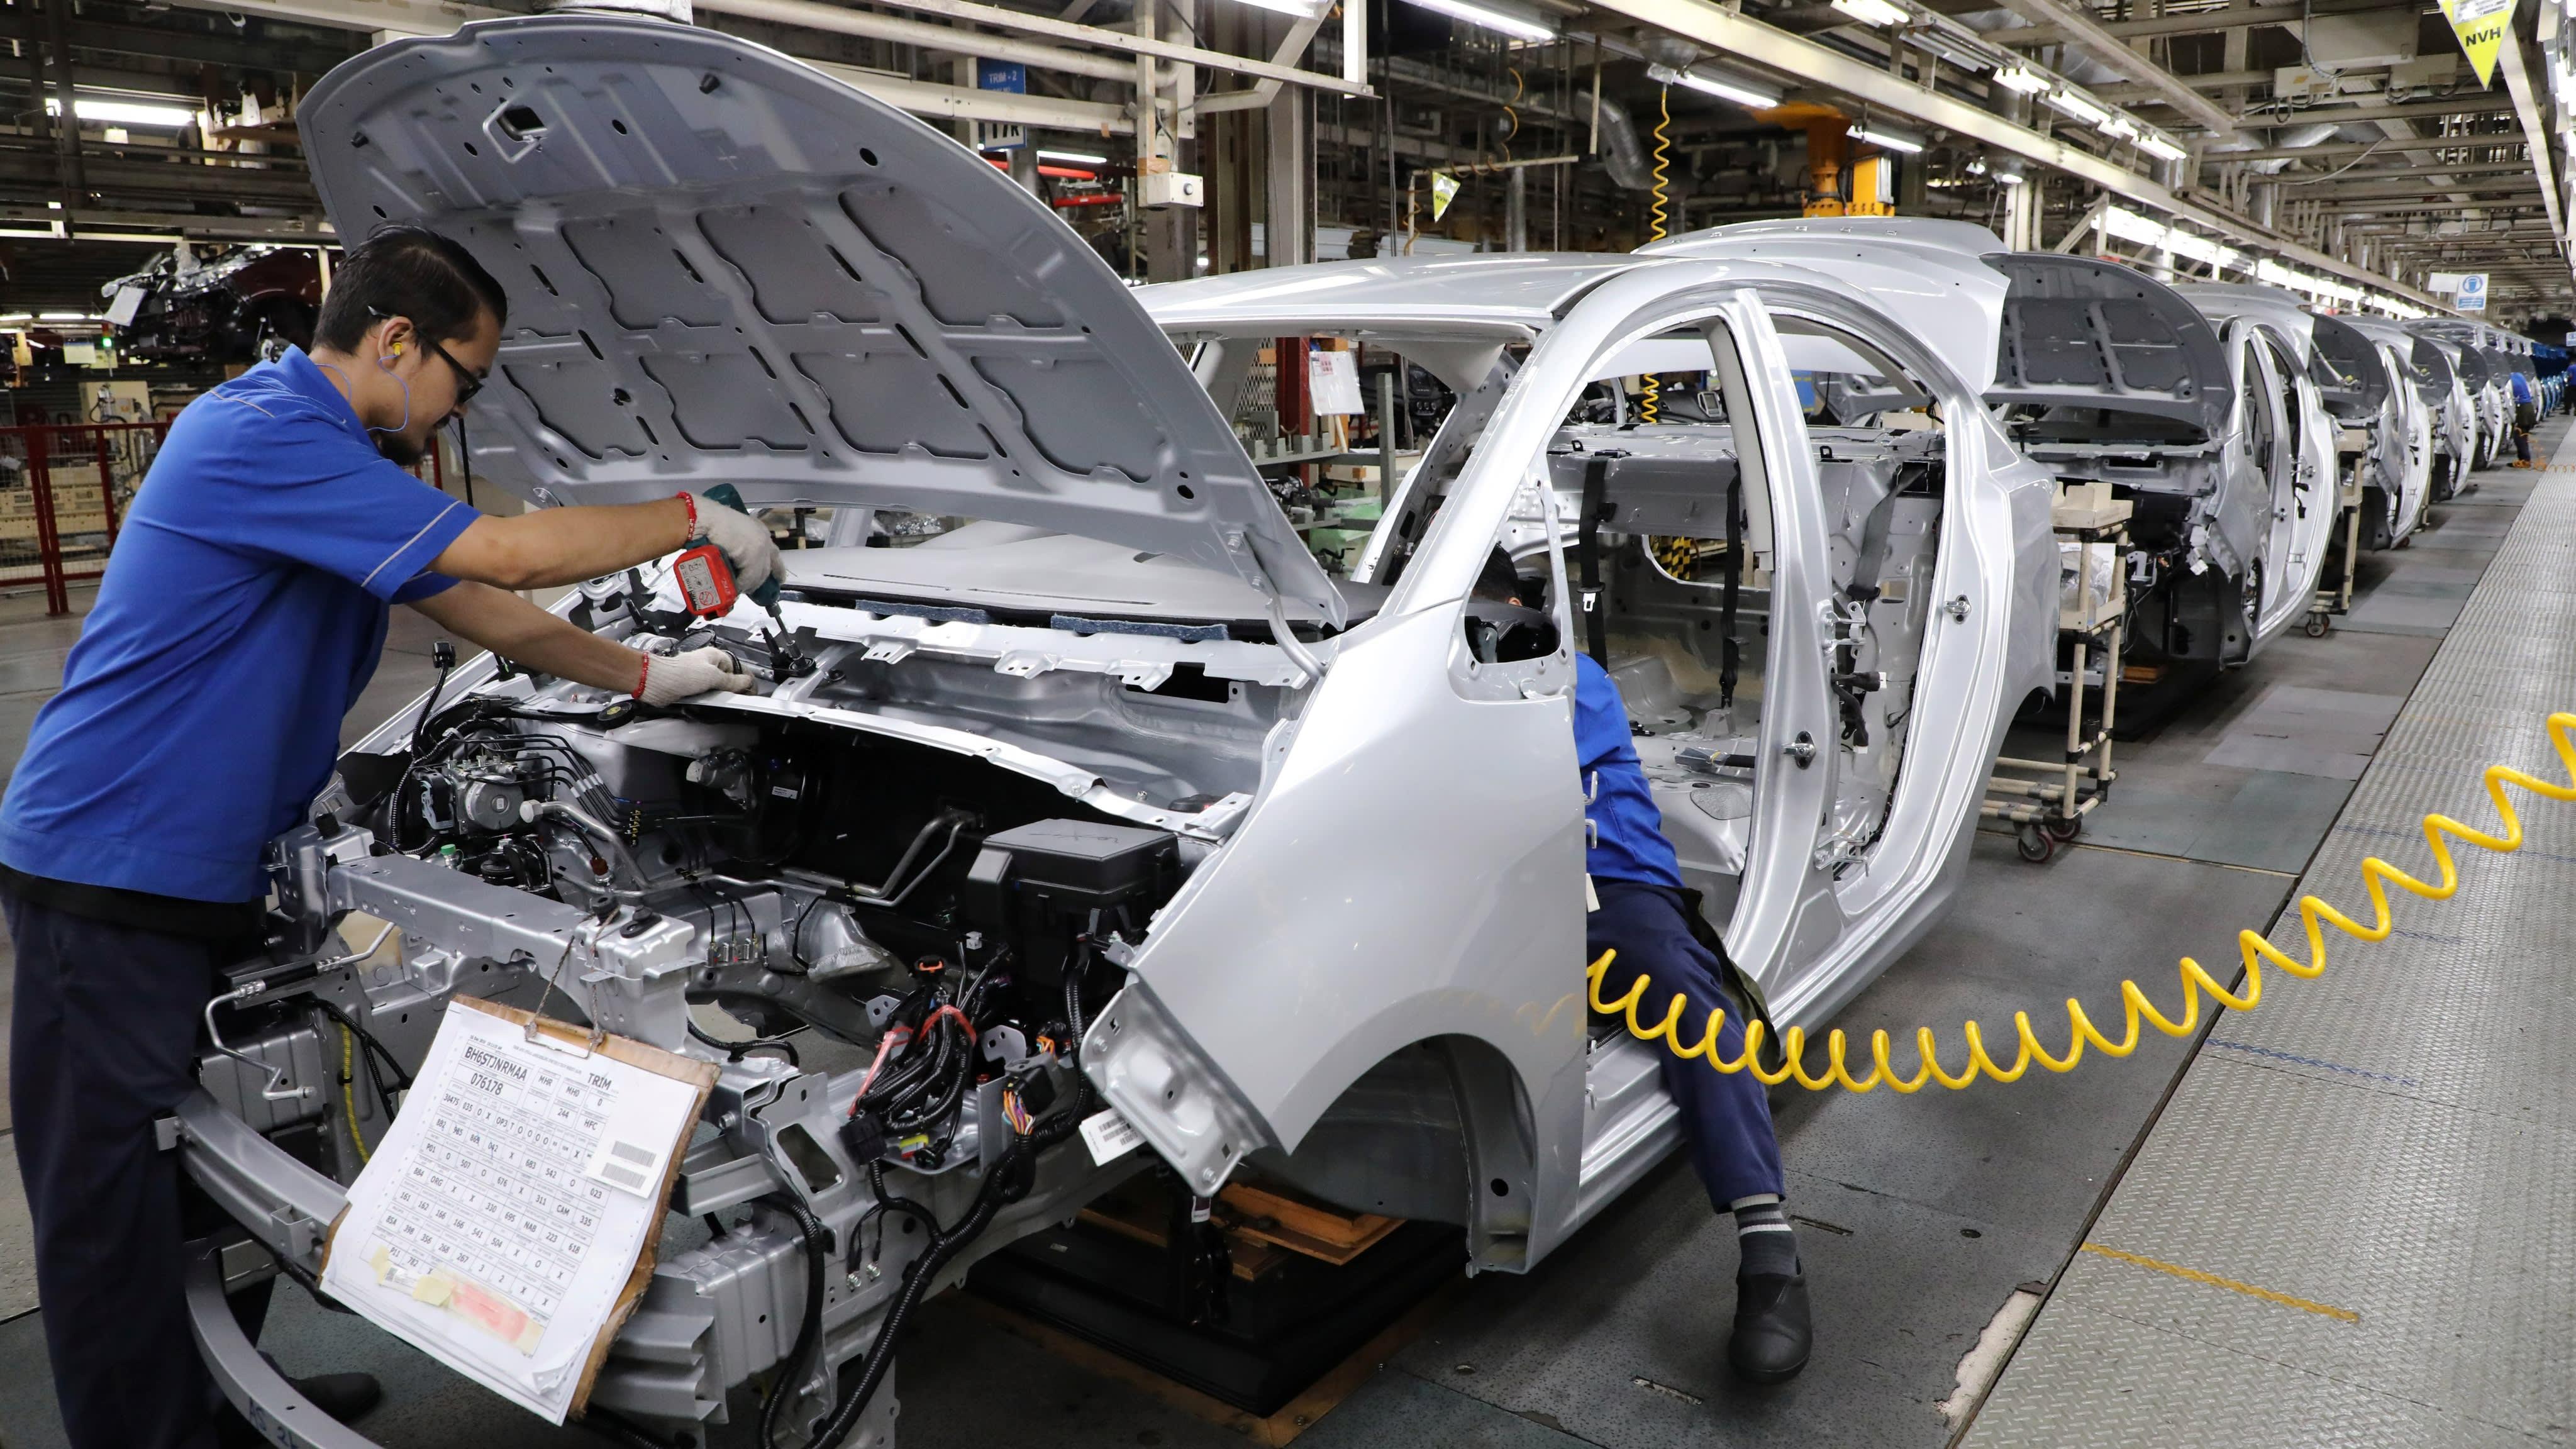 Quốc gia Đông Nam Á nào tiêu thụ nhiều ôtô nhất nửa đầu năm 2020? - Ảnh 3